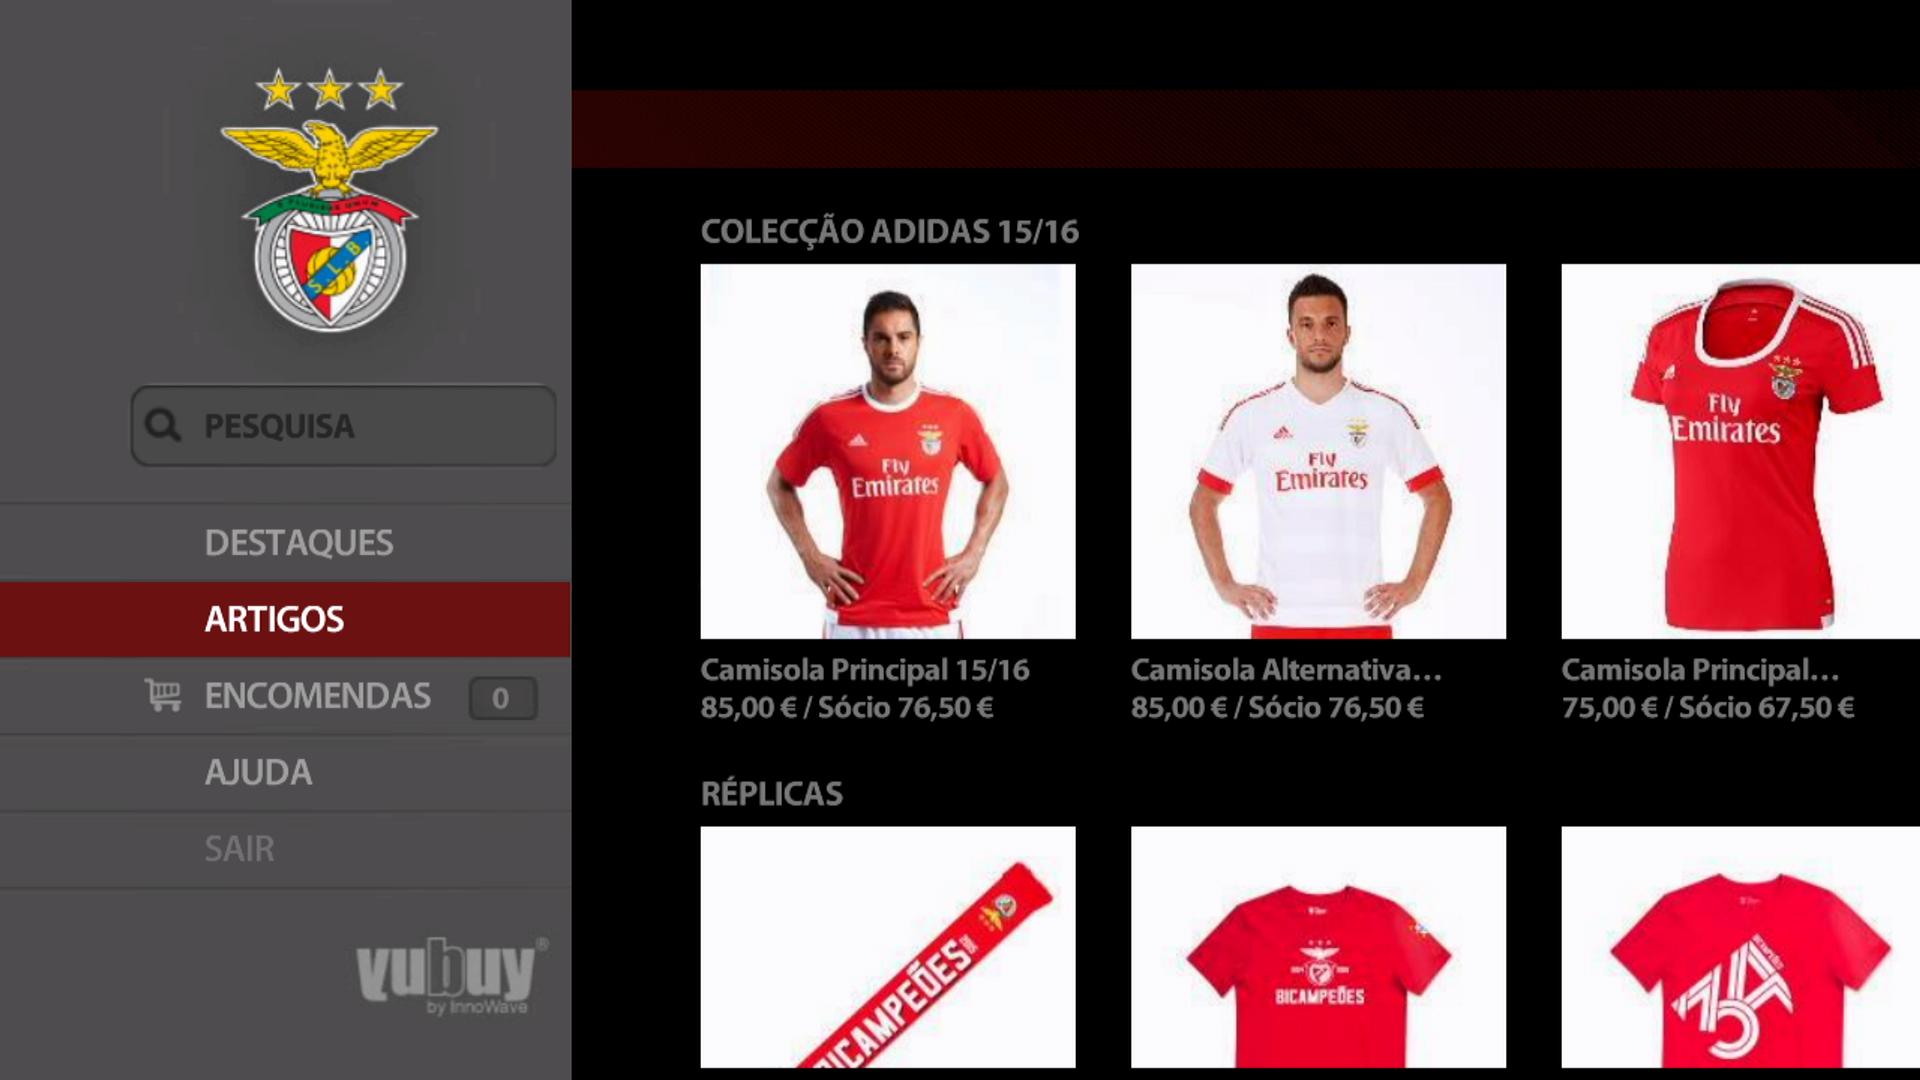 Loja do Benfica no MEO_imagem 2